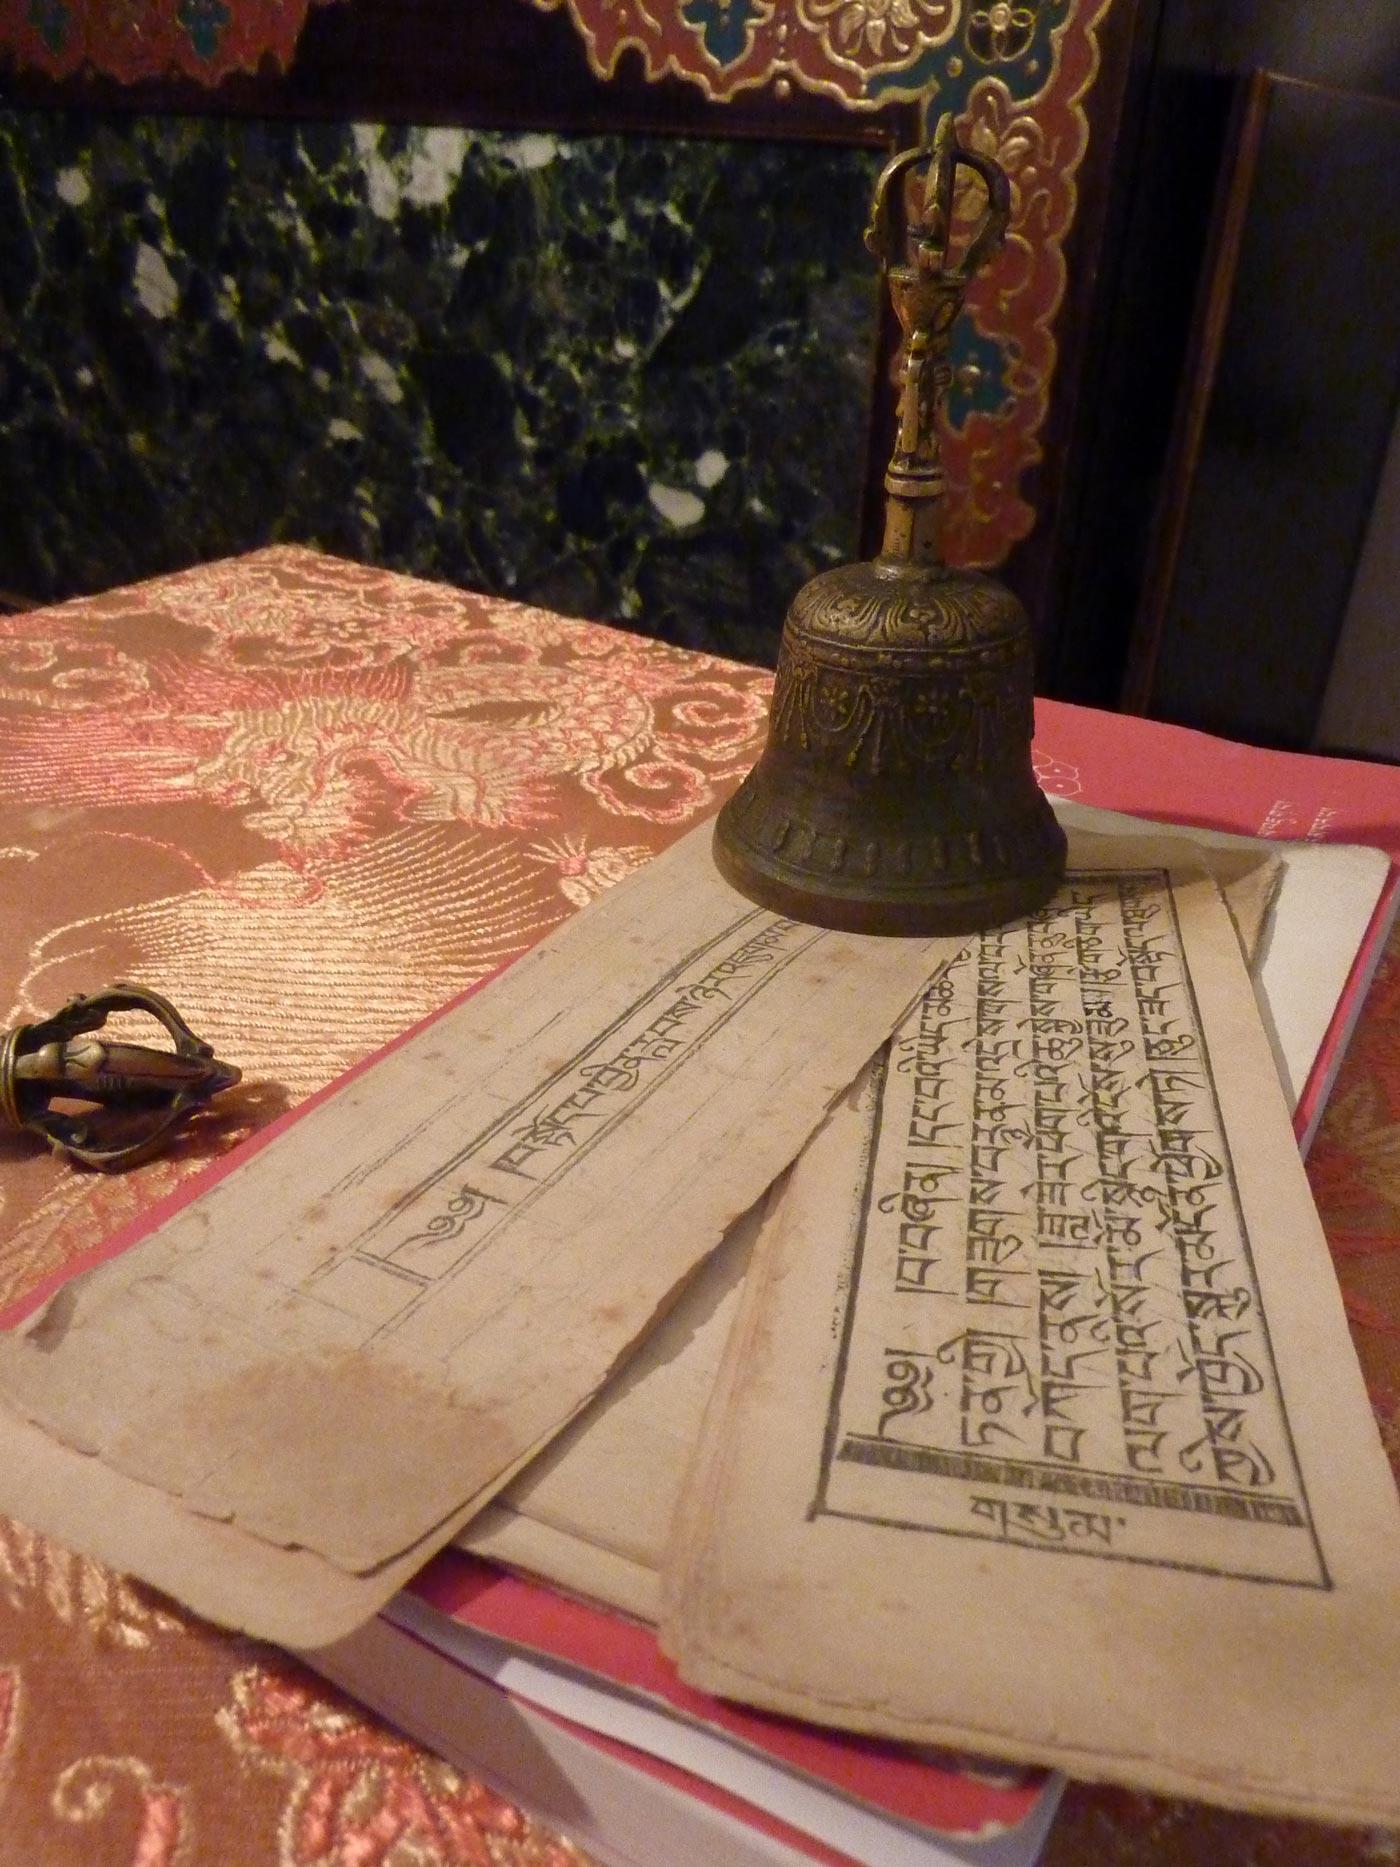 Sarira, so nennt man die in Sanskrit verfassten Gebetstexte und Reliquien. Viele wurden von den Familien über Jahre hinweg gesammelt, mit nach Deutschland gebracht und an die Glaubensgemeinschaft gespendet. (Foto: Sandra Schnabel)